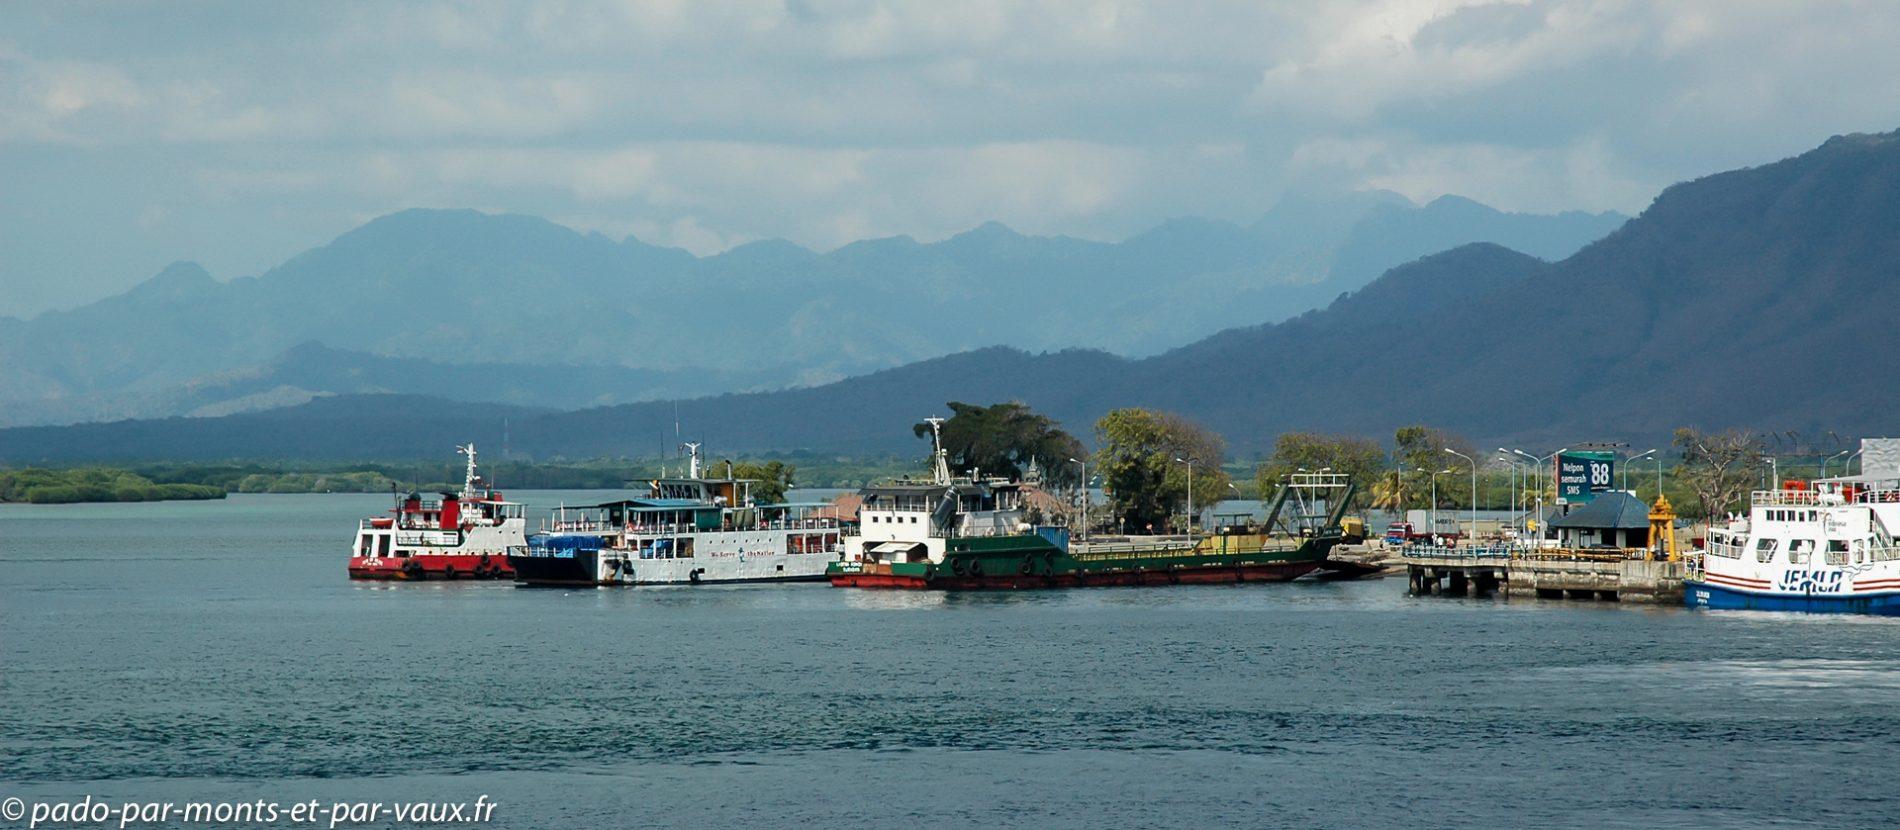 en ferry vers Bali